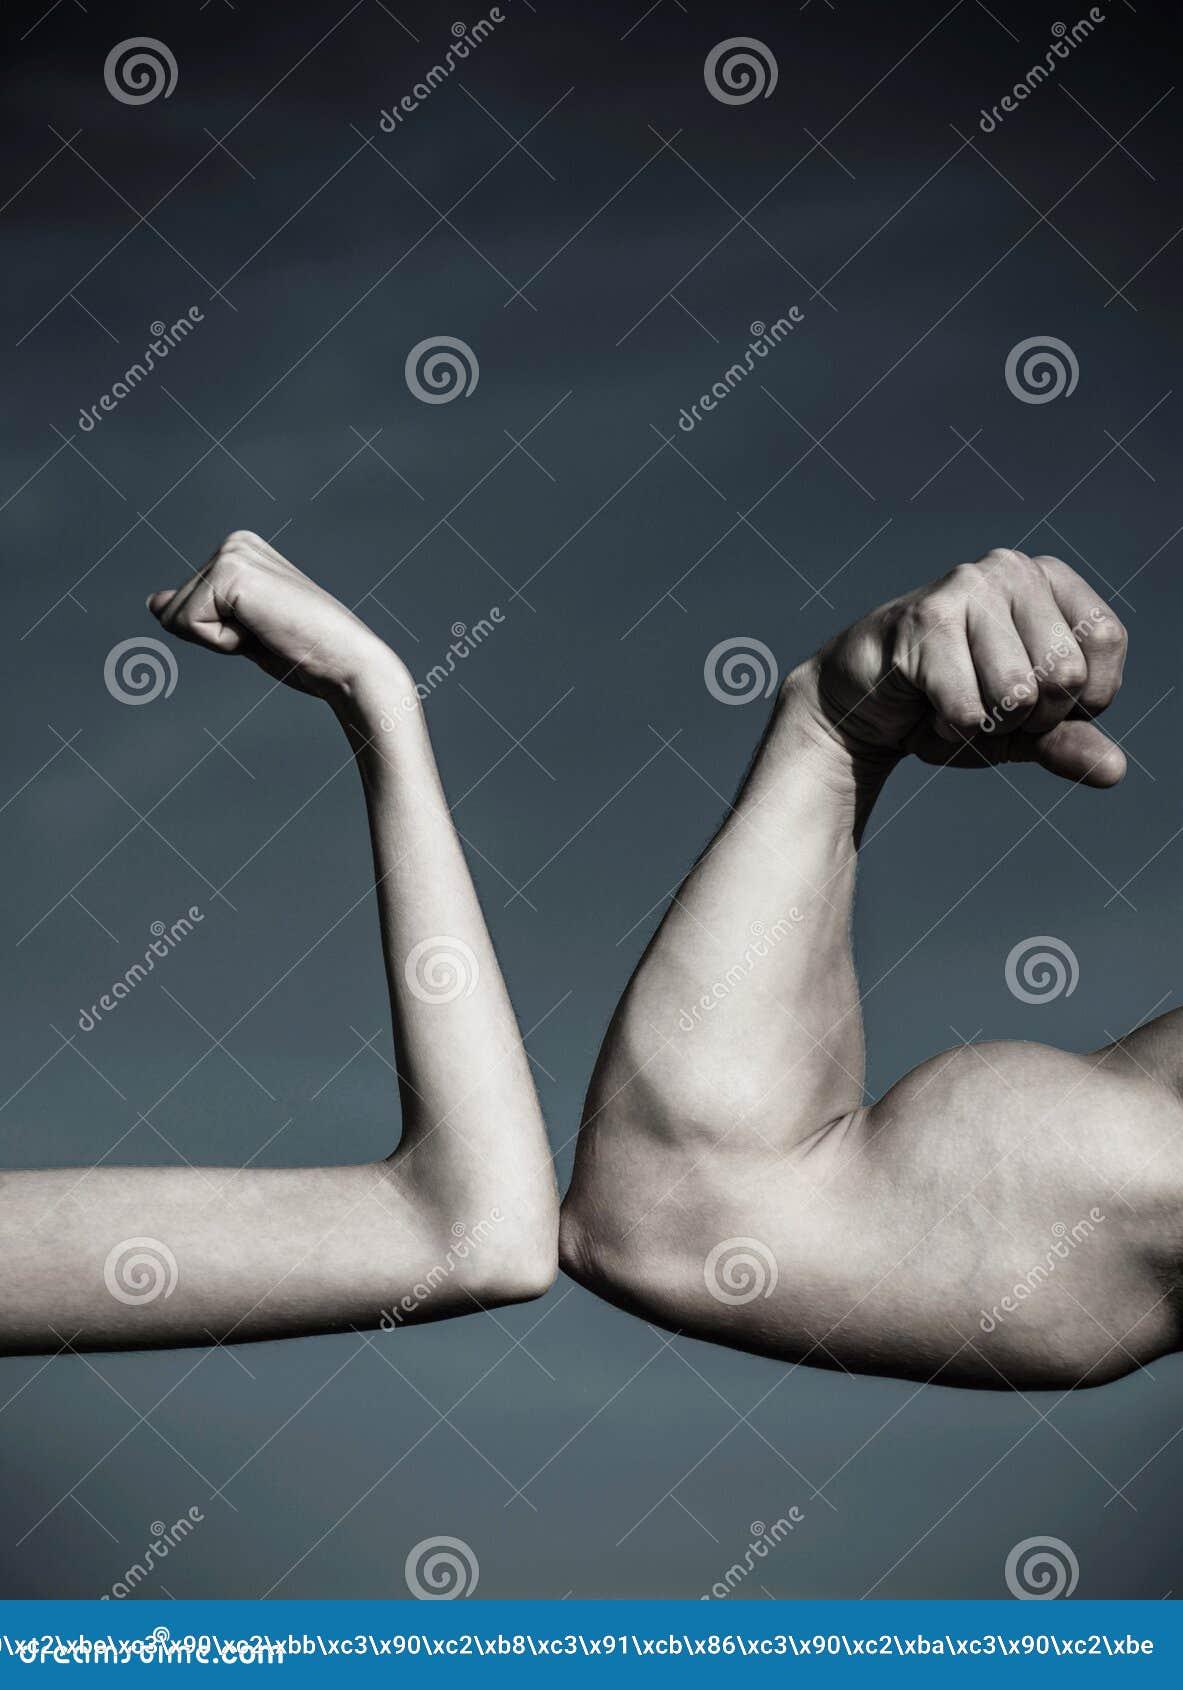 Rivaliteit, versus, uitdaging, sterktevergelijking Spierwapen versus zwakke hand Versus, vecht hard Concurrentie, sterktevergelij